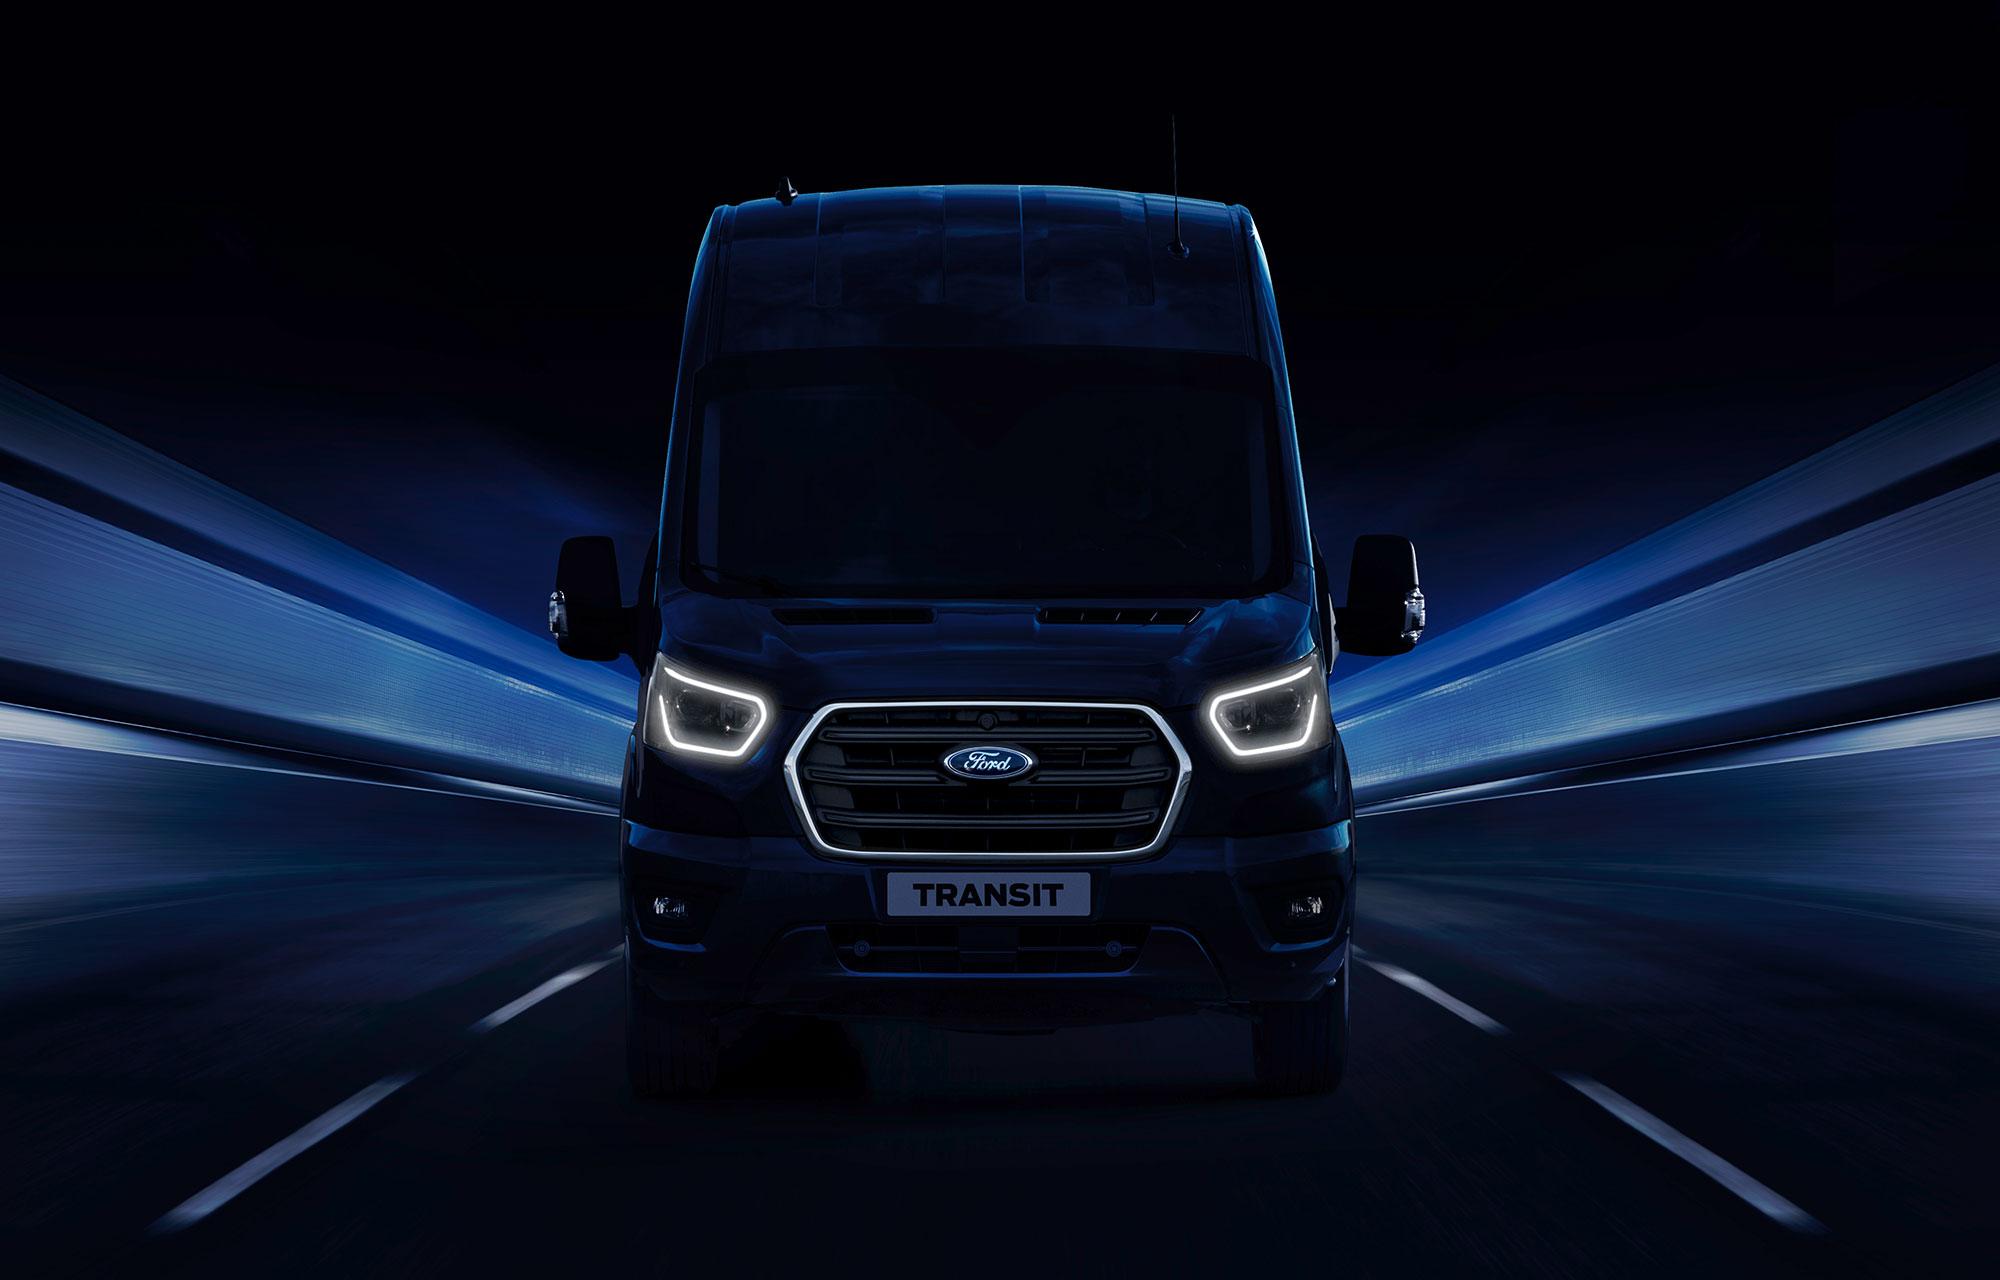 Fordin uuden sukupolven Transit-hyötyajoneuvot Hannoverin hyötyajoneuvonäyttelyssä ...